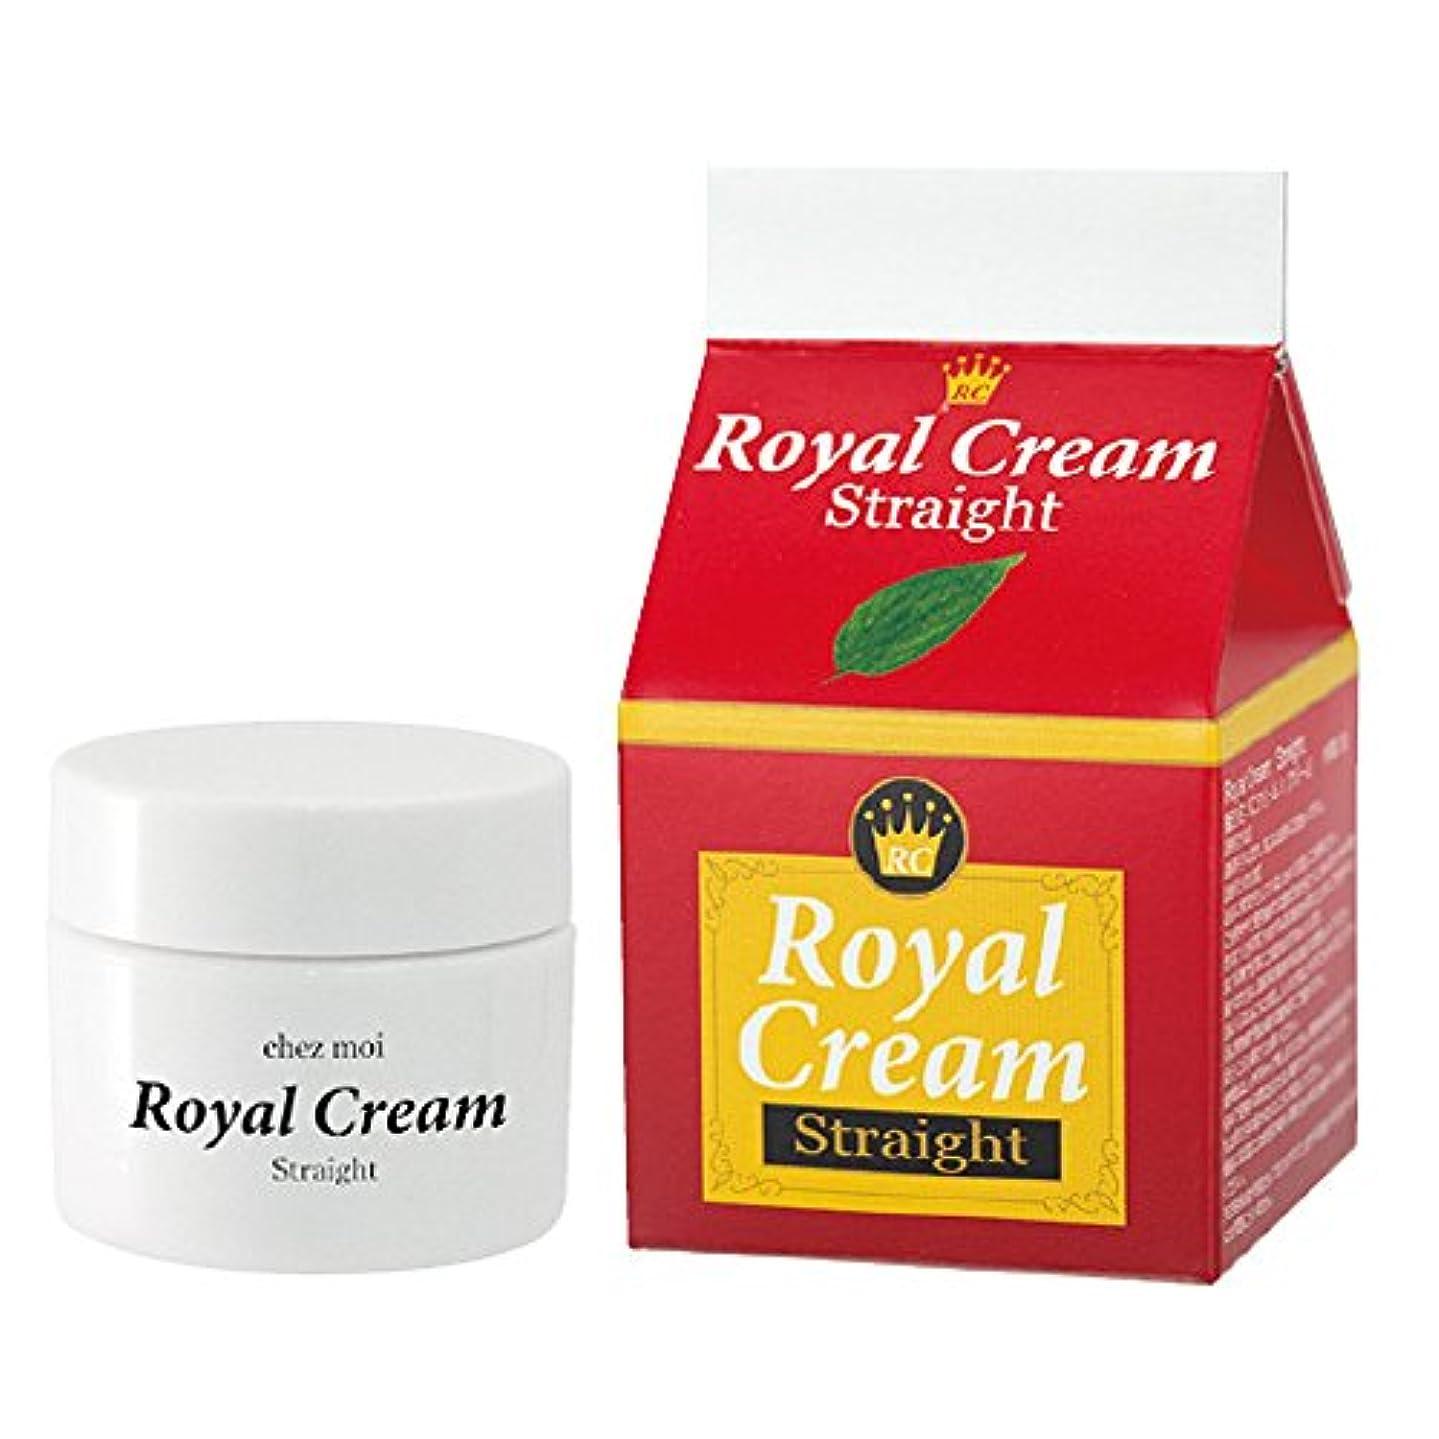 スキーム小説家つまらないシェモア Royal Cream Straight(ロイヤルクリームストレート) 30g